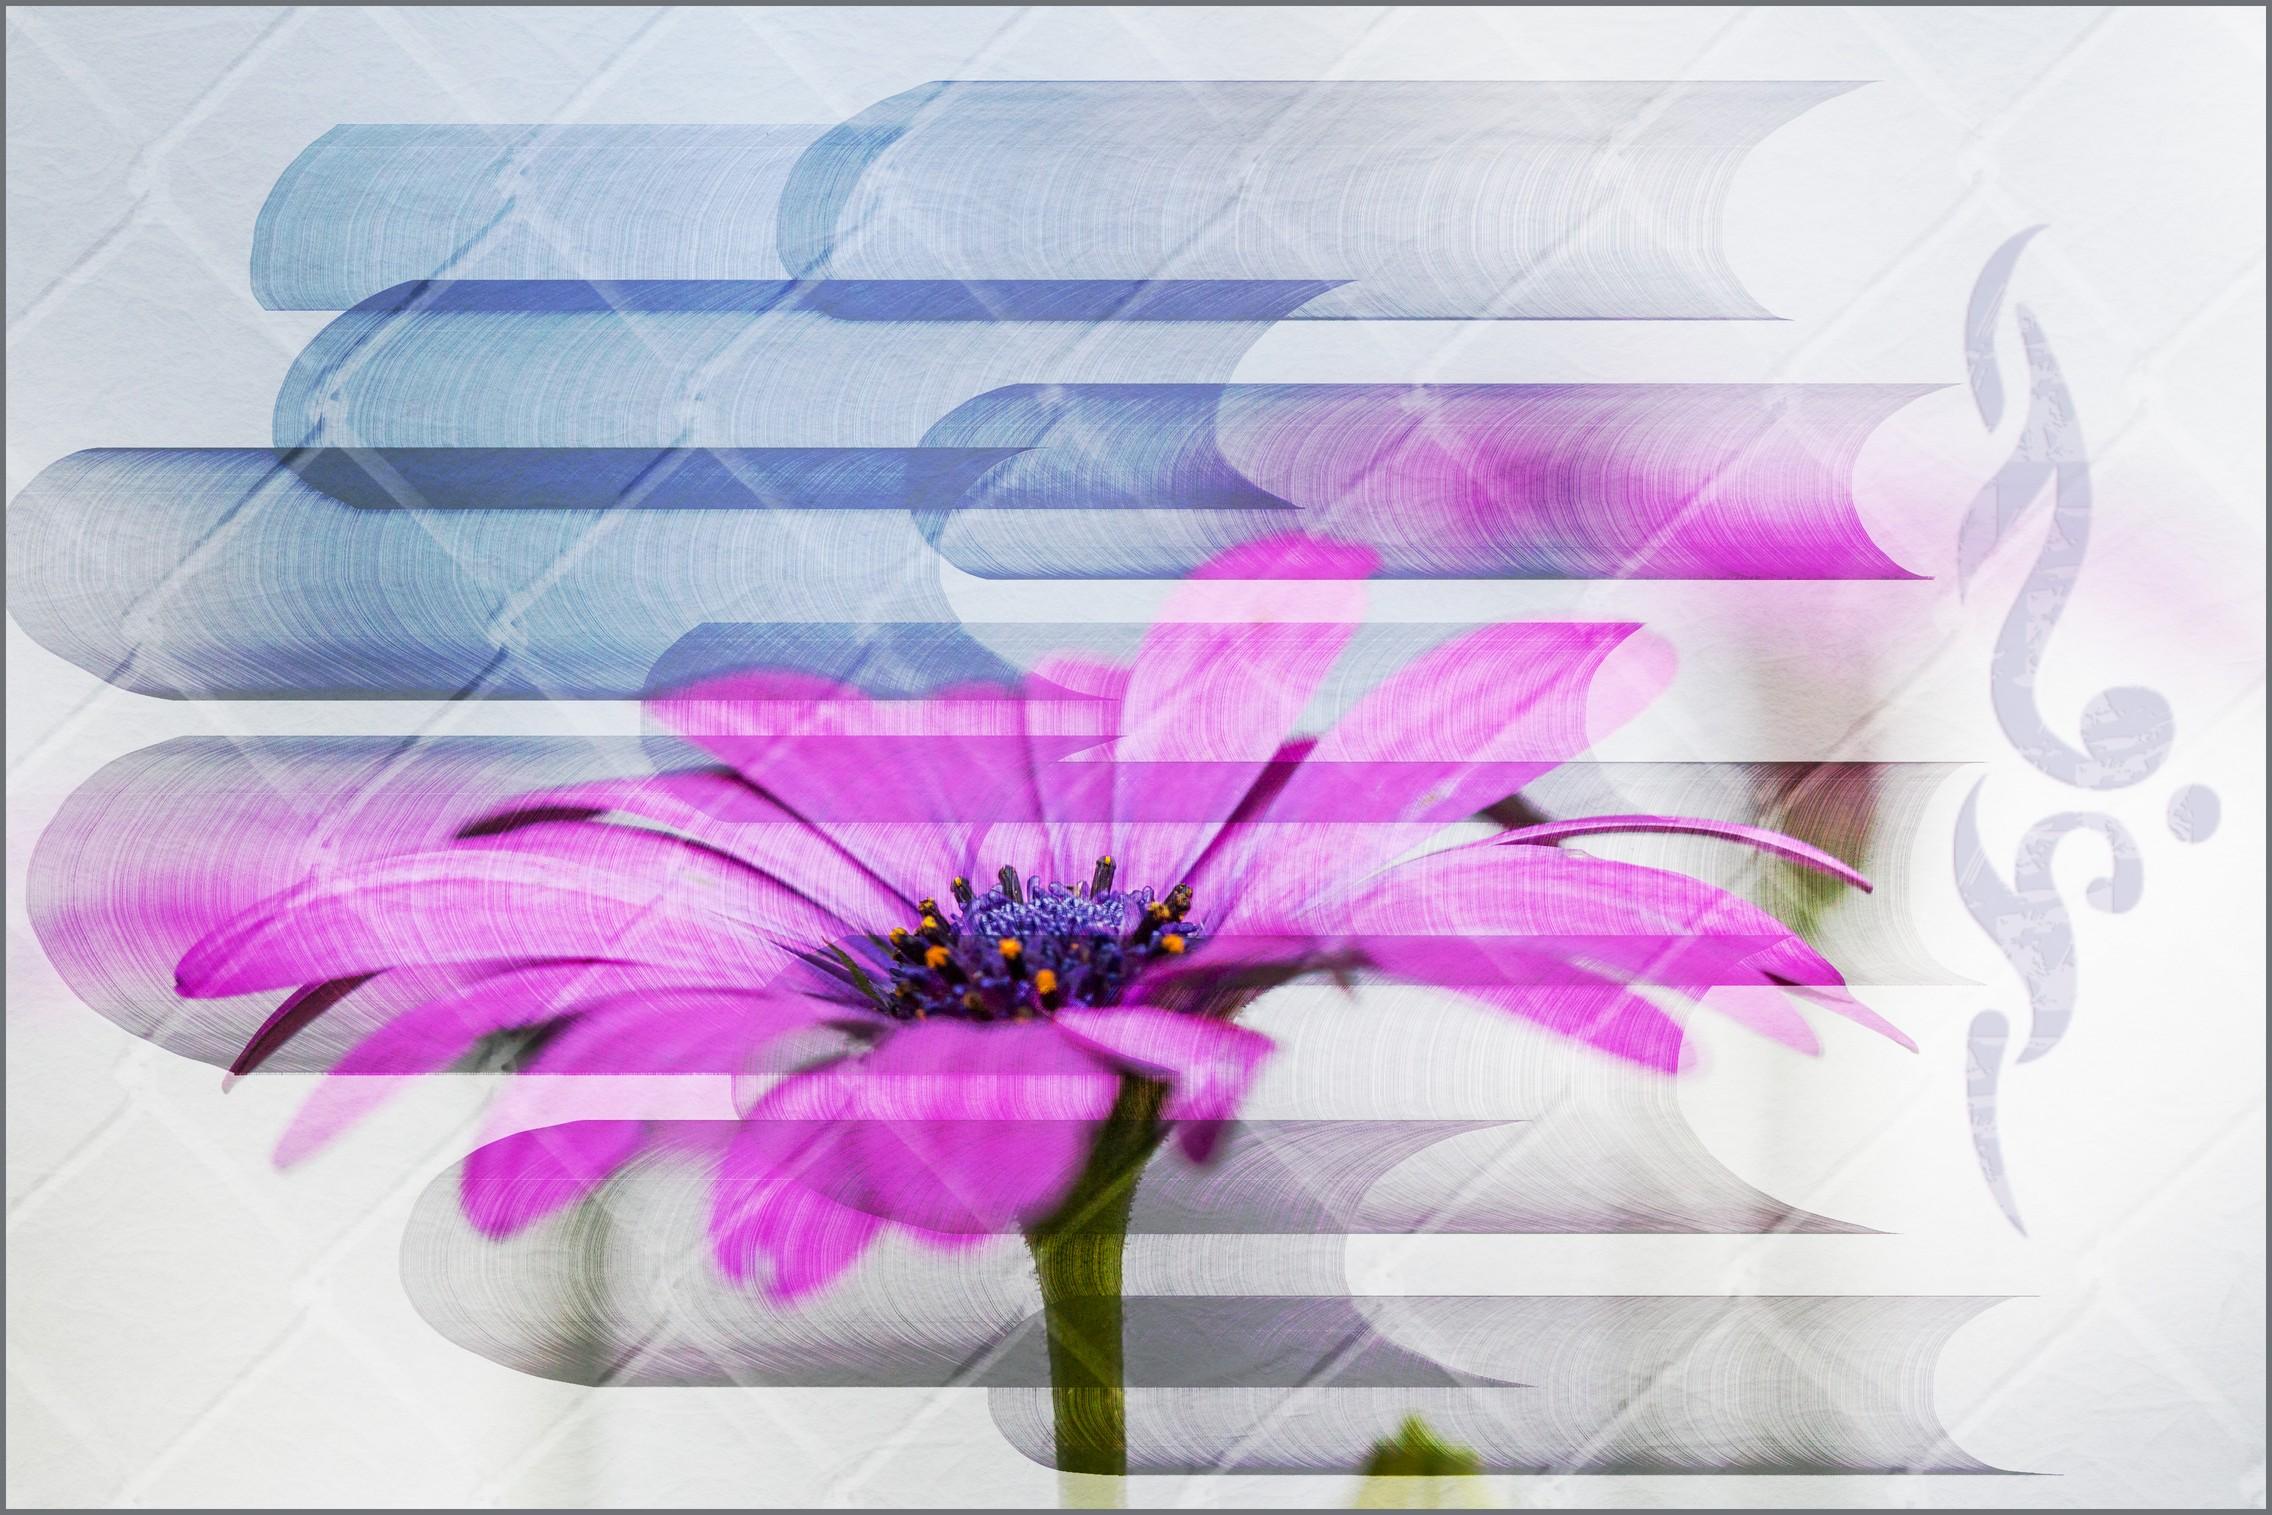 img_4990-fxsm.jpg